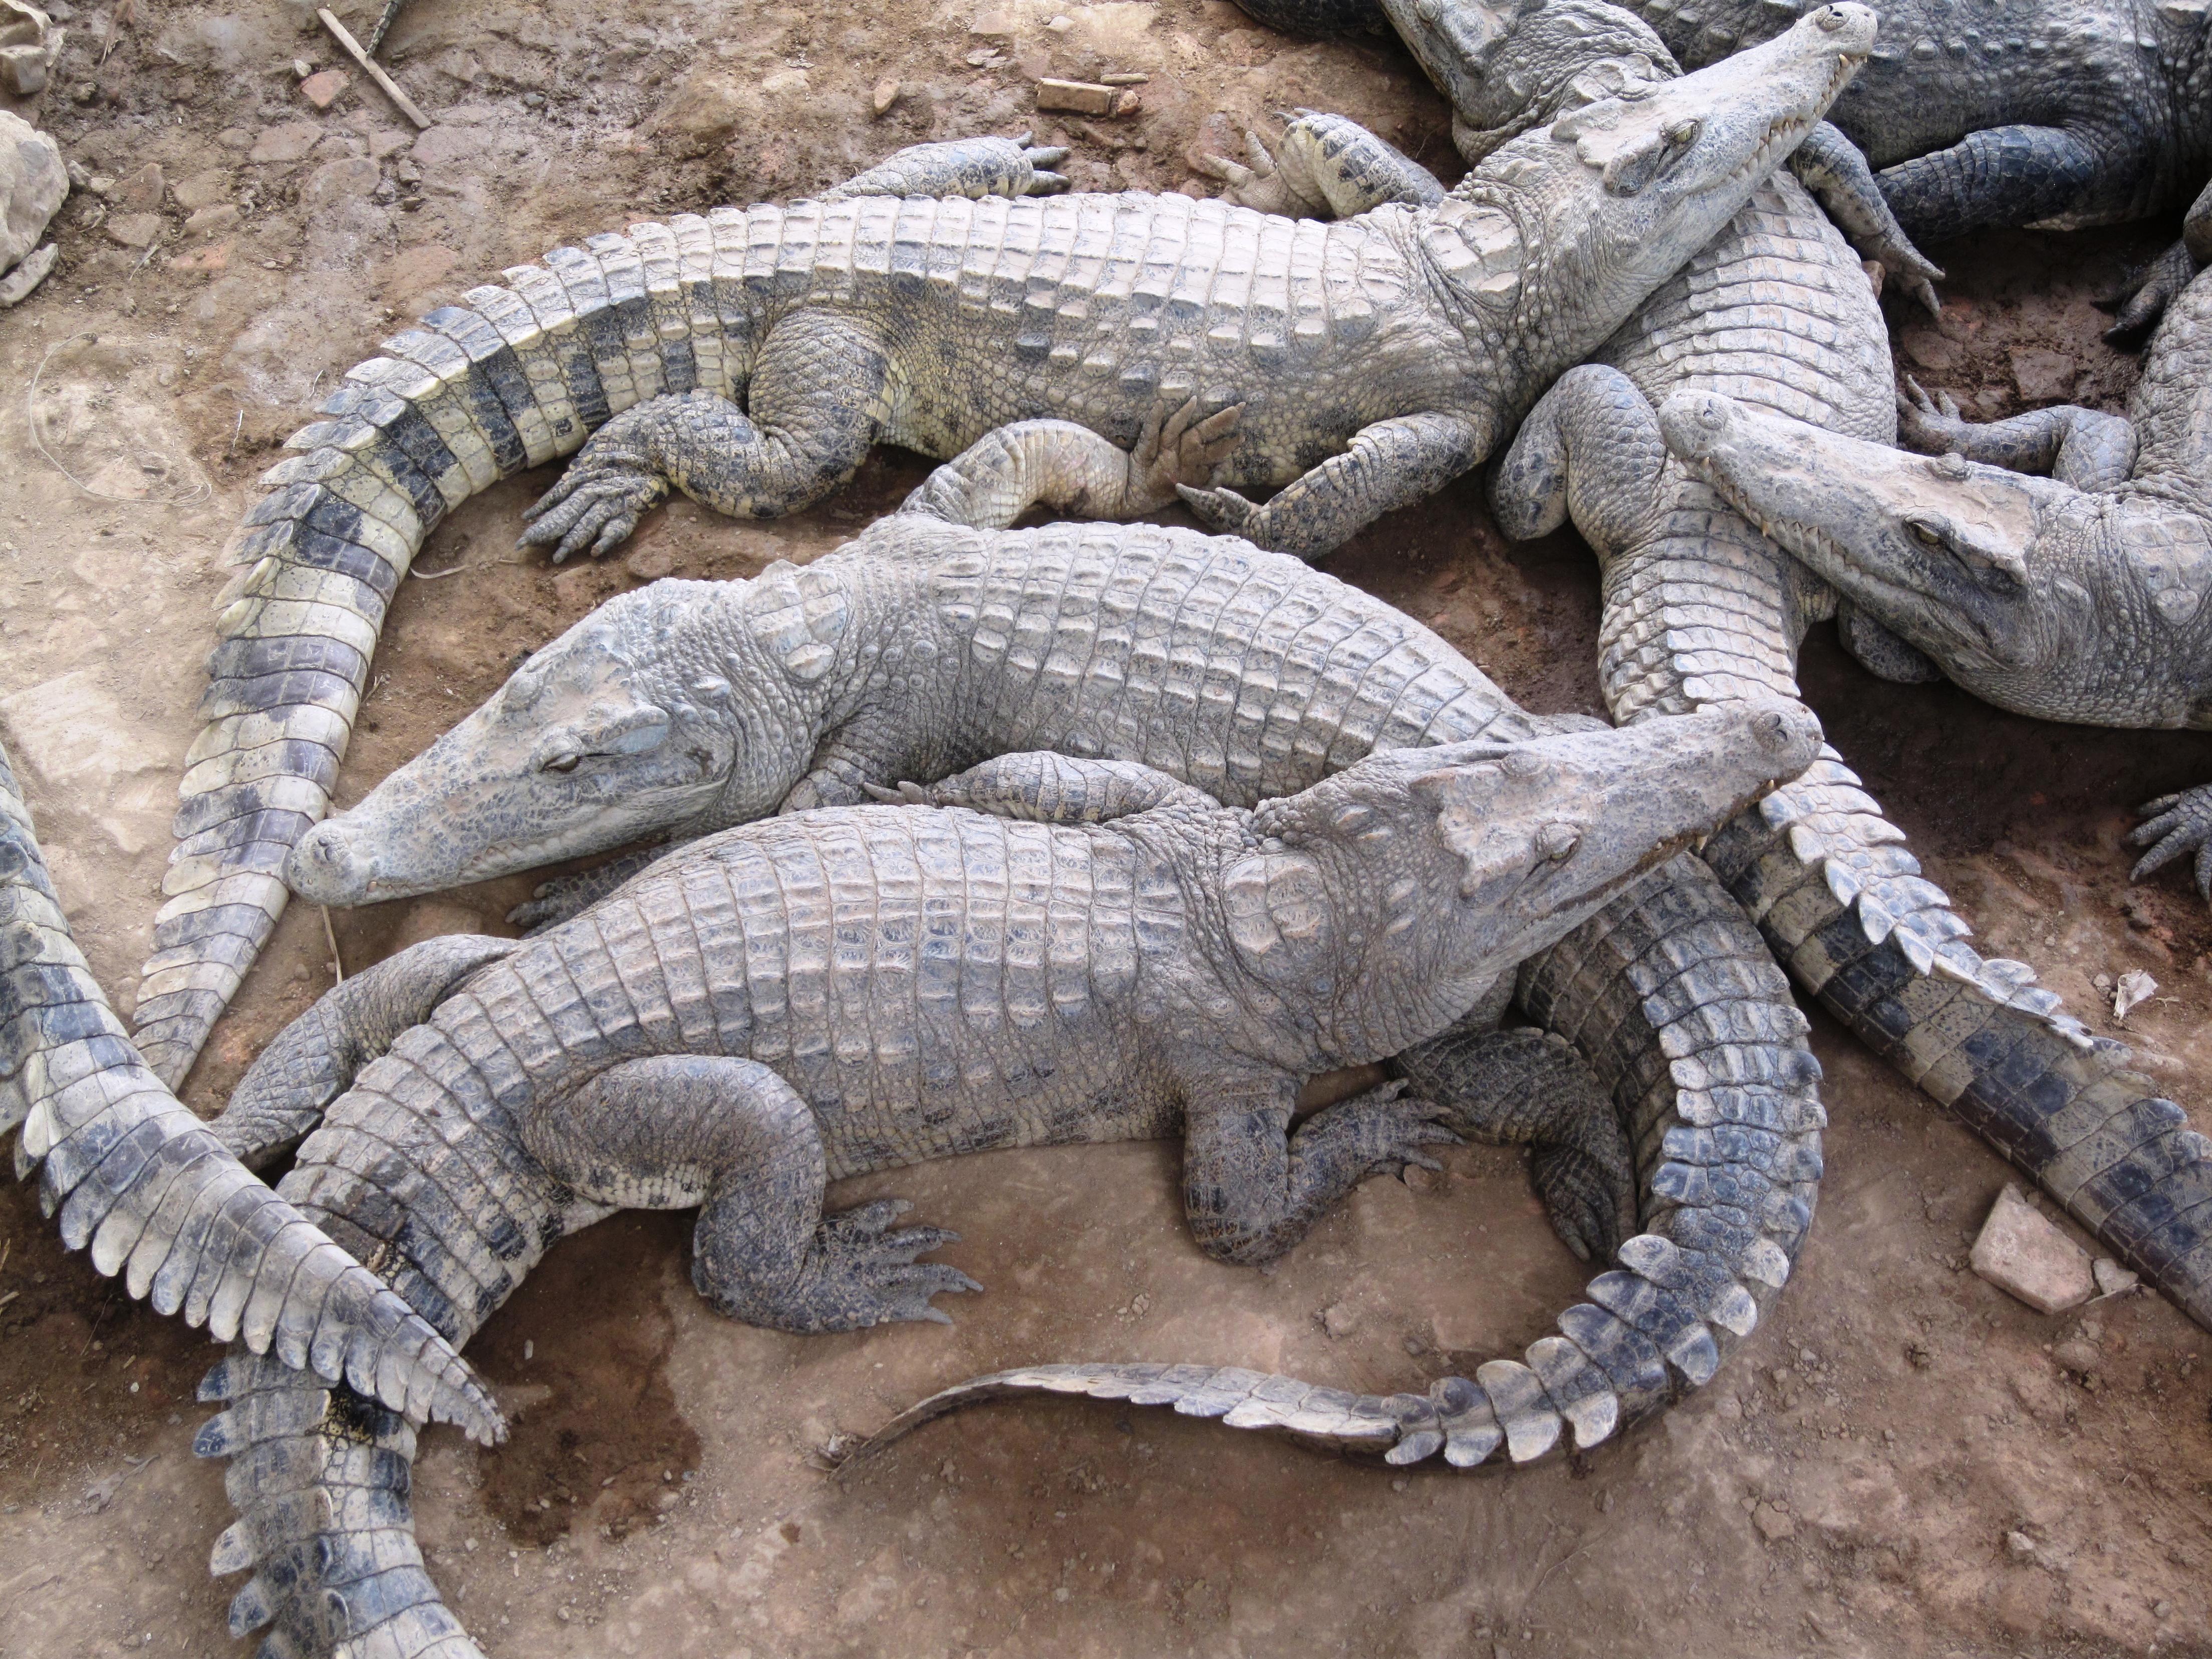 File:Alligators in Cambodia.jpg - Wikimedia Commons